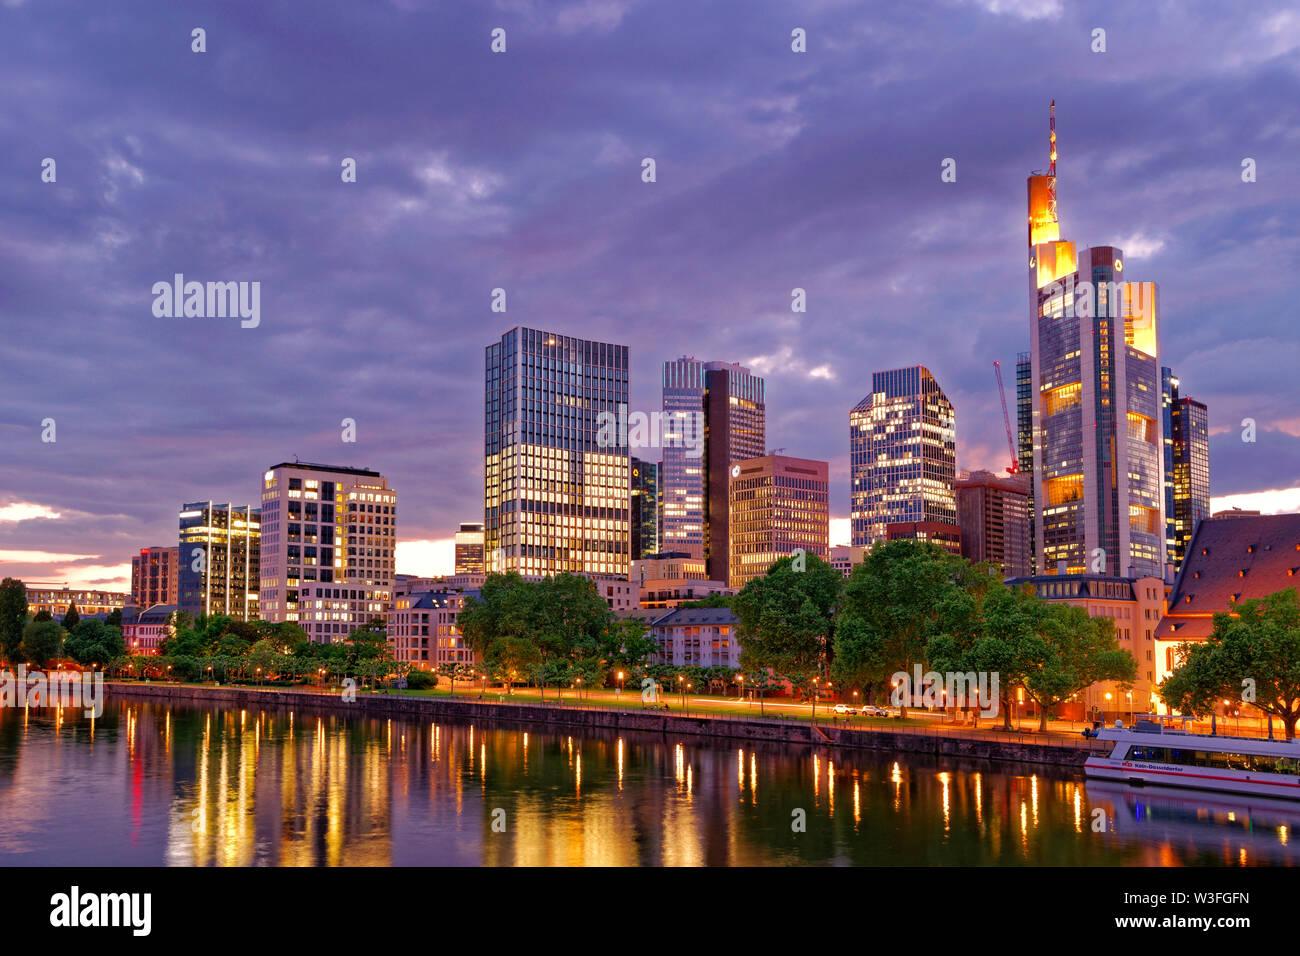 El distrito financiero de Frankfurt, Alemania. Foto de stock